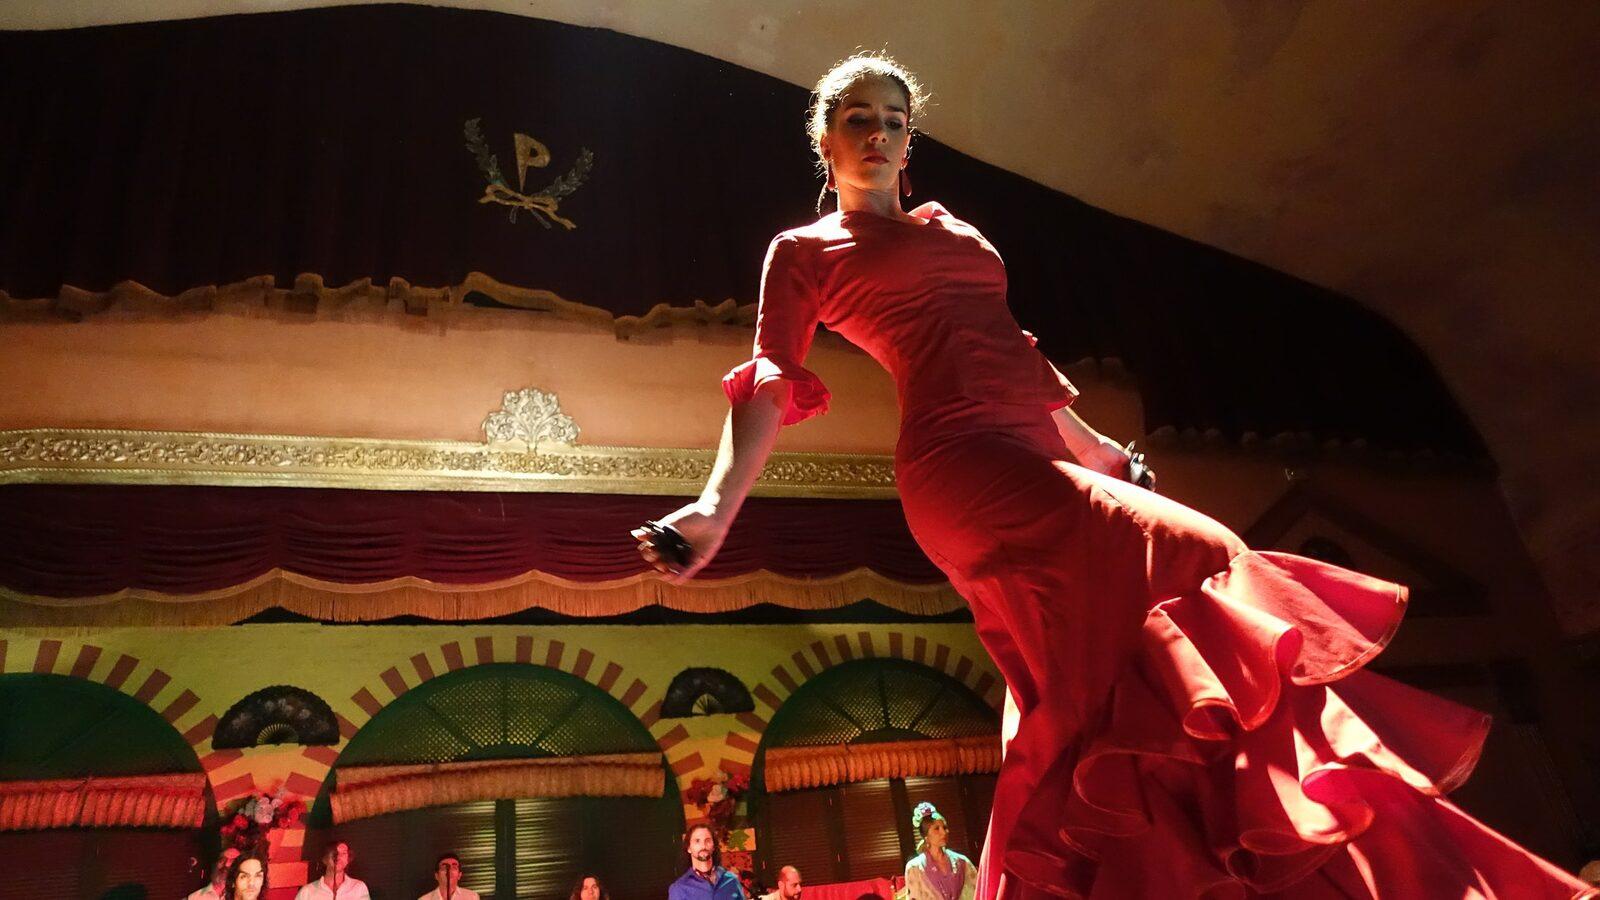 Noche de Flamenco (Nuit de Flamenco)